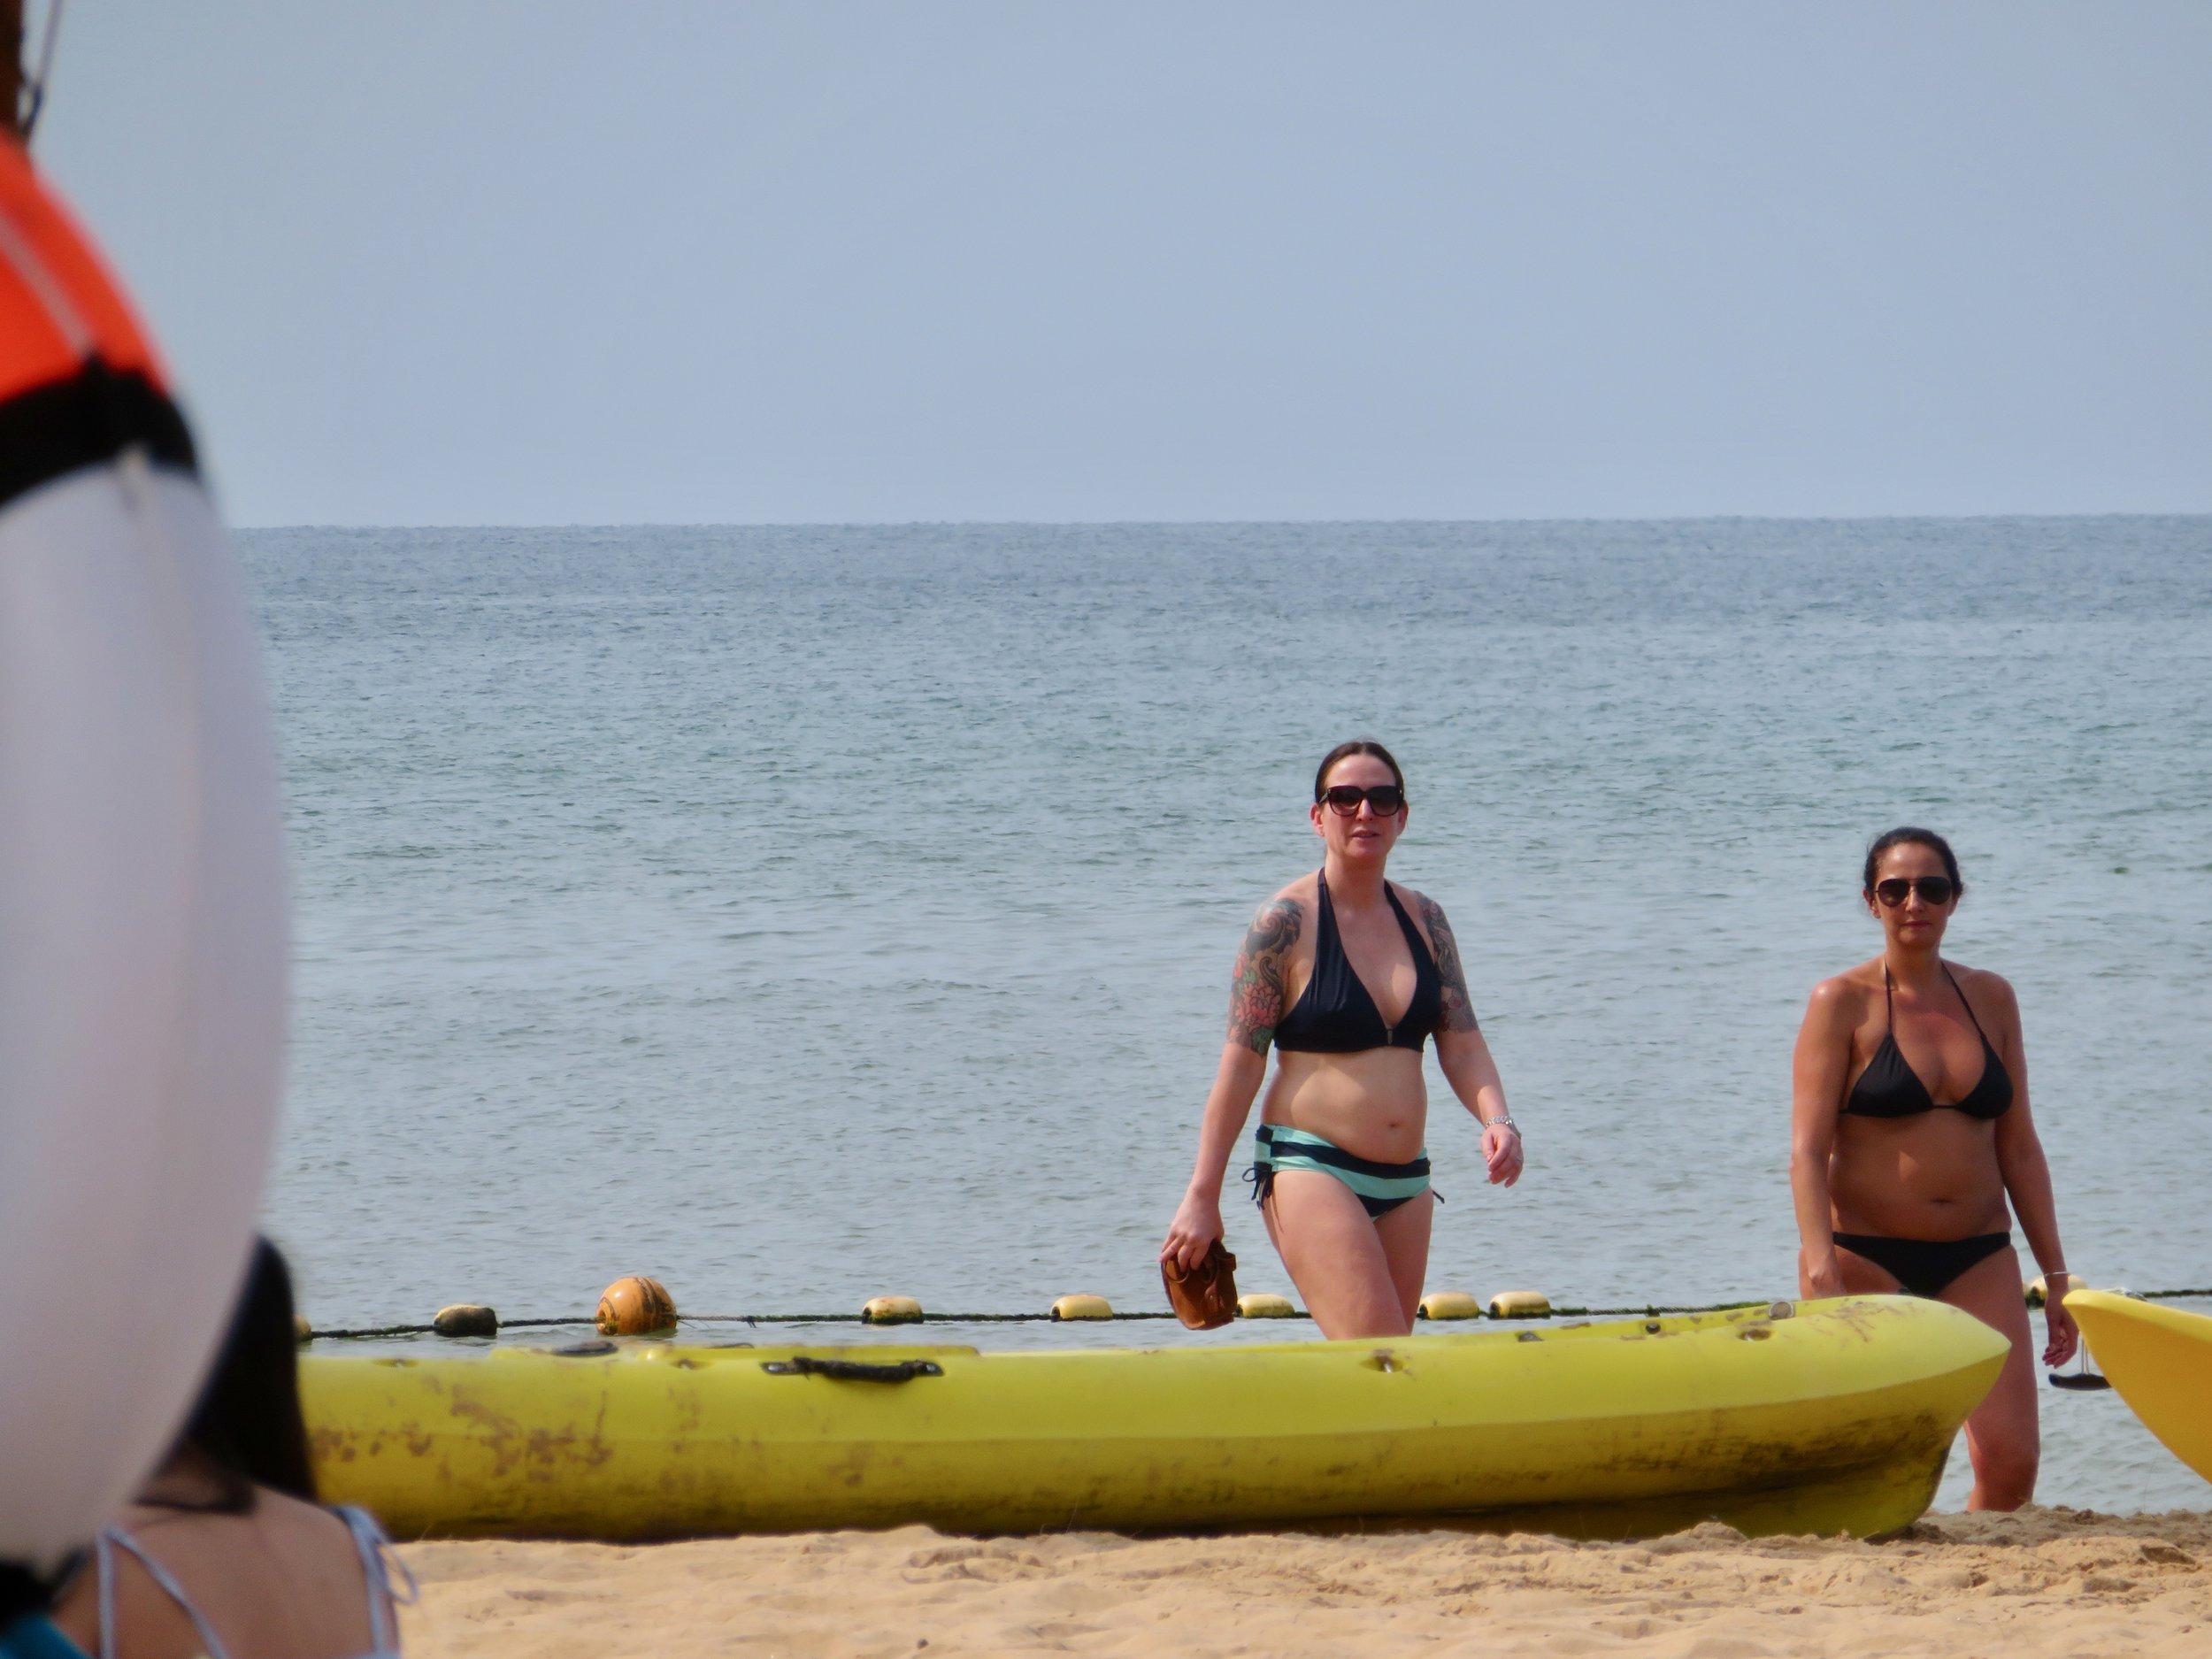 Gleder du deg til årets sommerferie?                                                           Foto: Odd Roar Lange